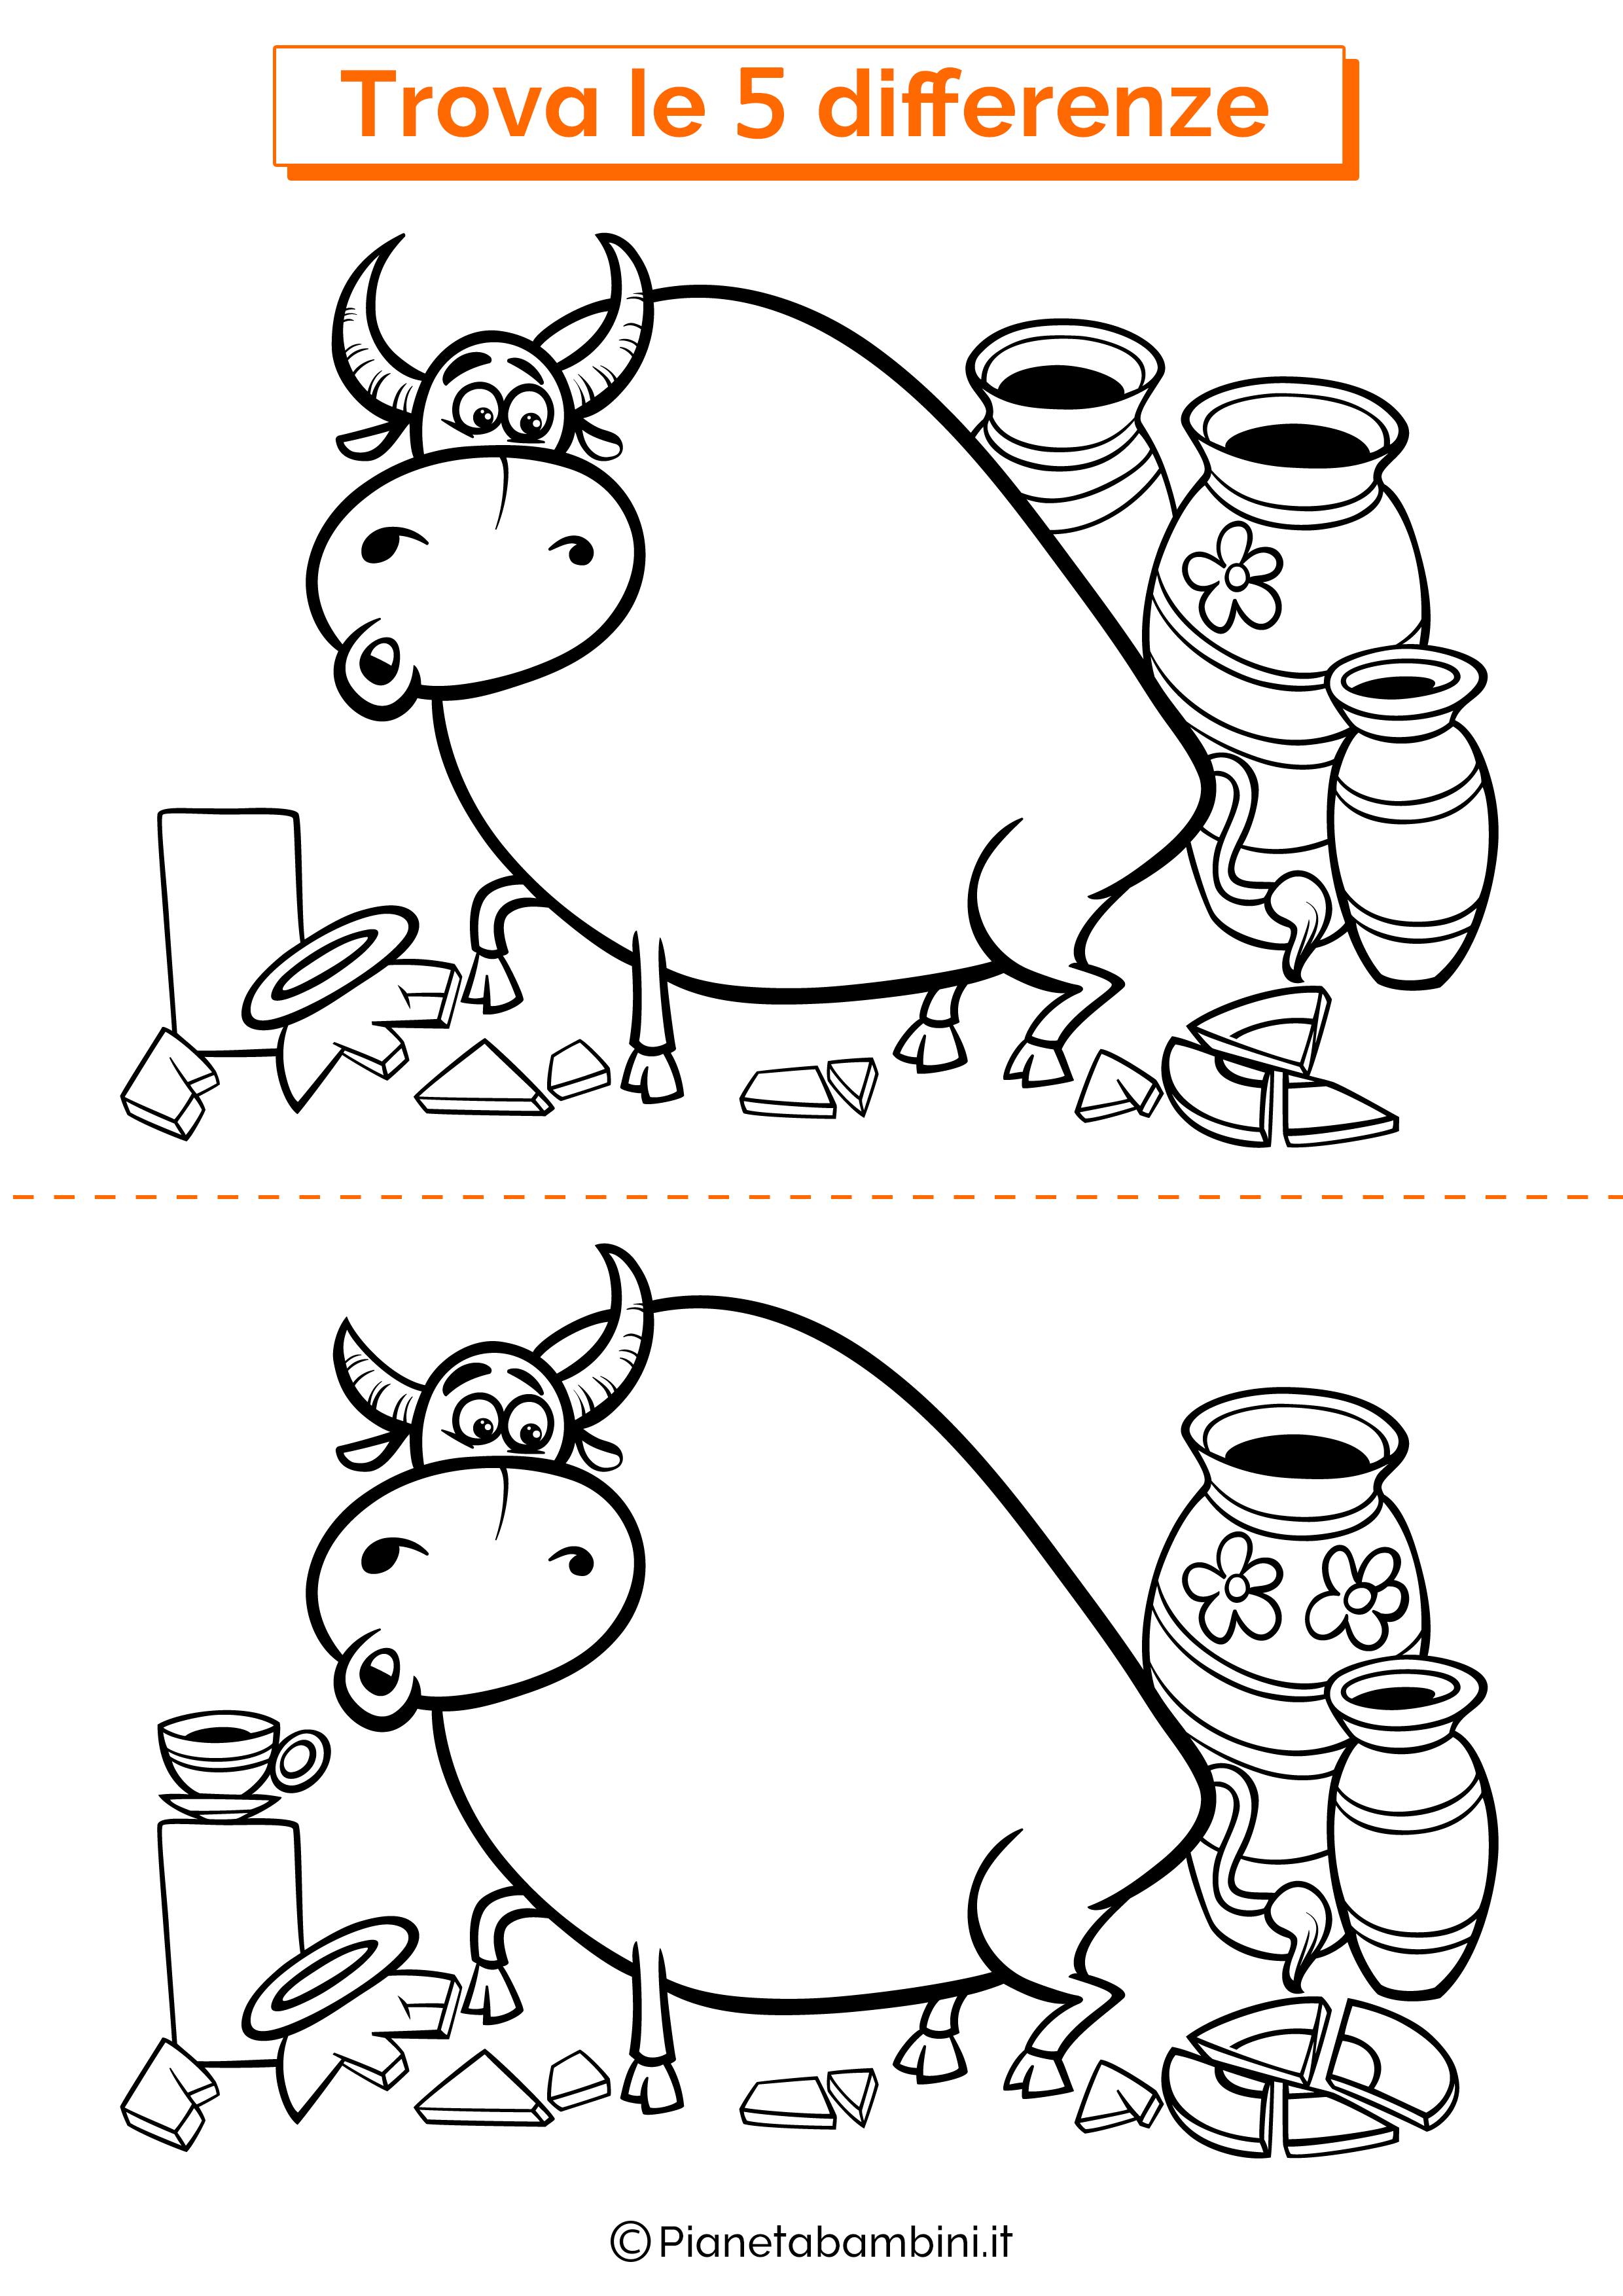 Disegno trova 5 differenze toro